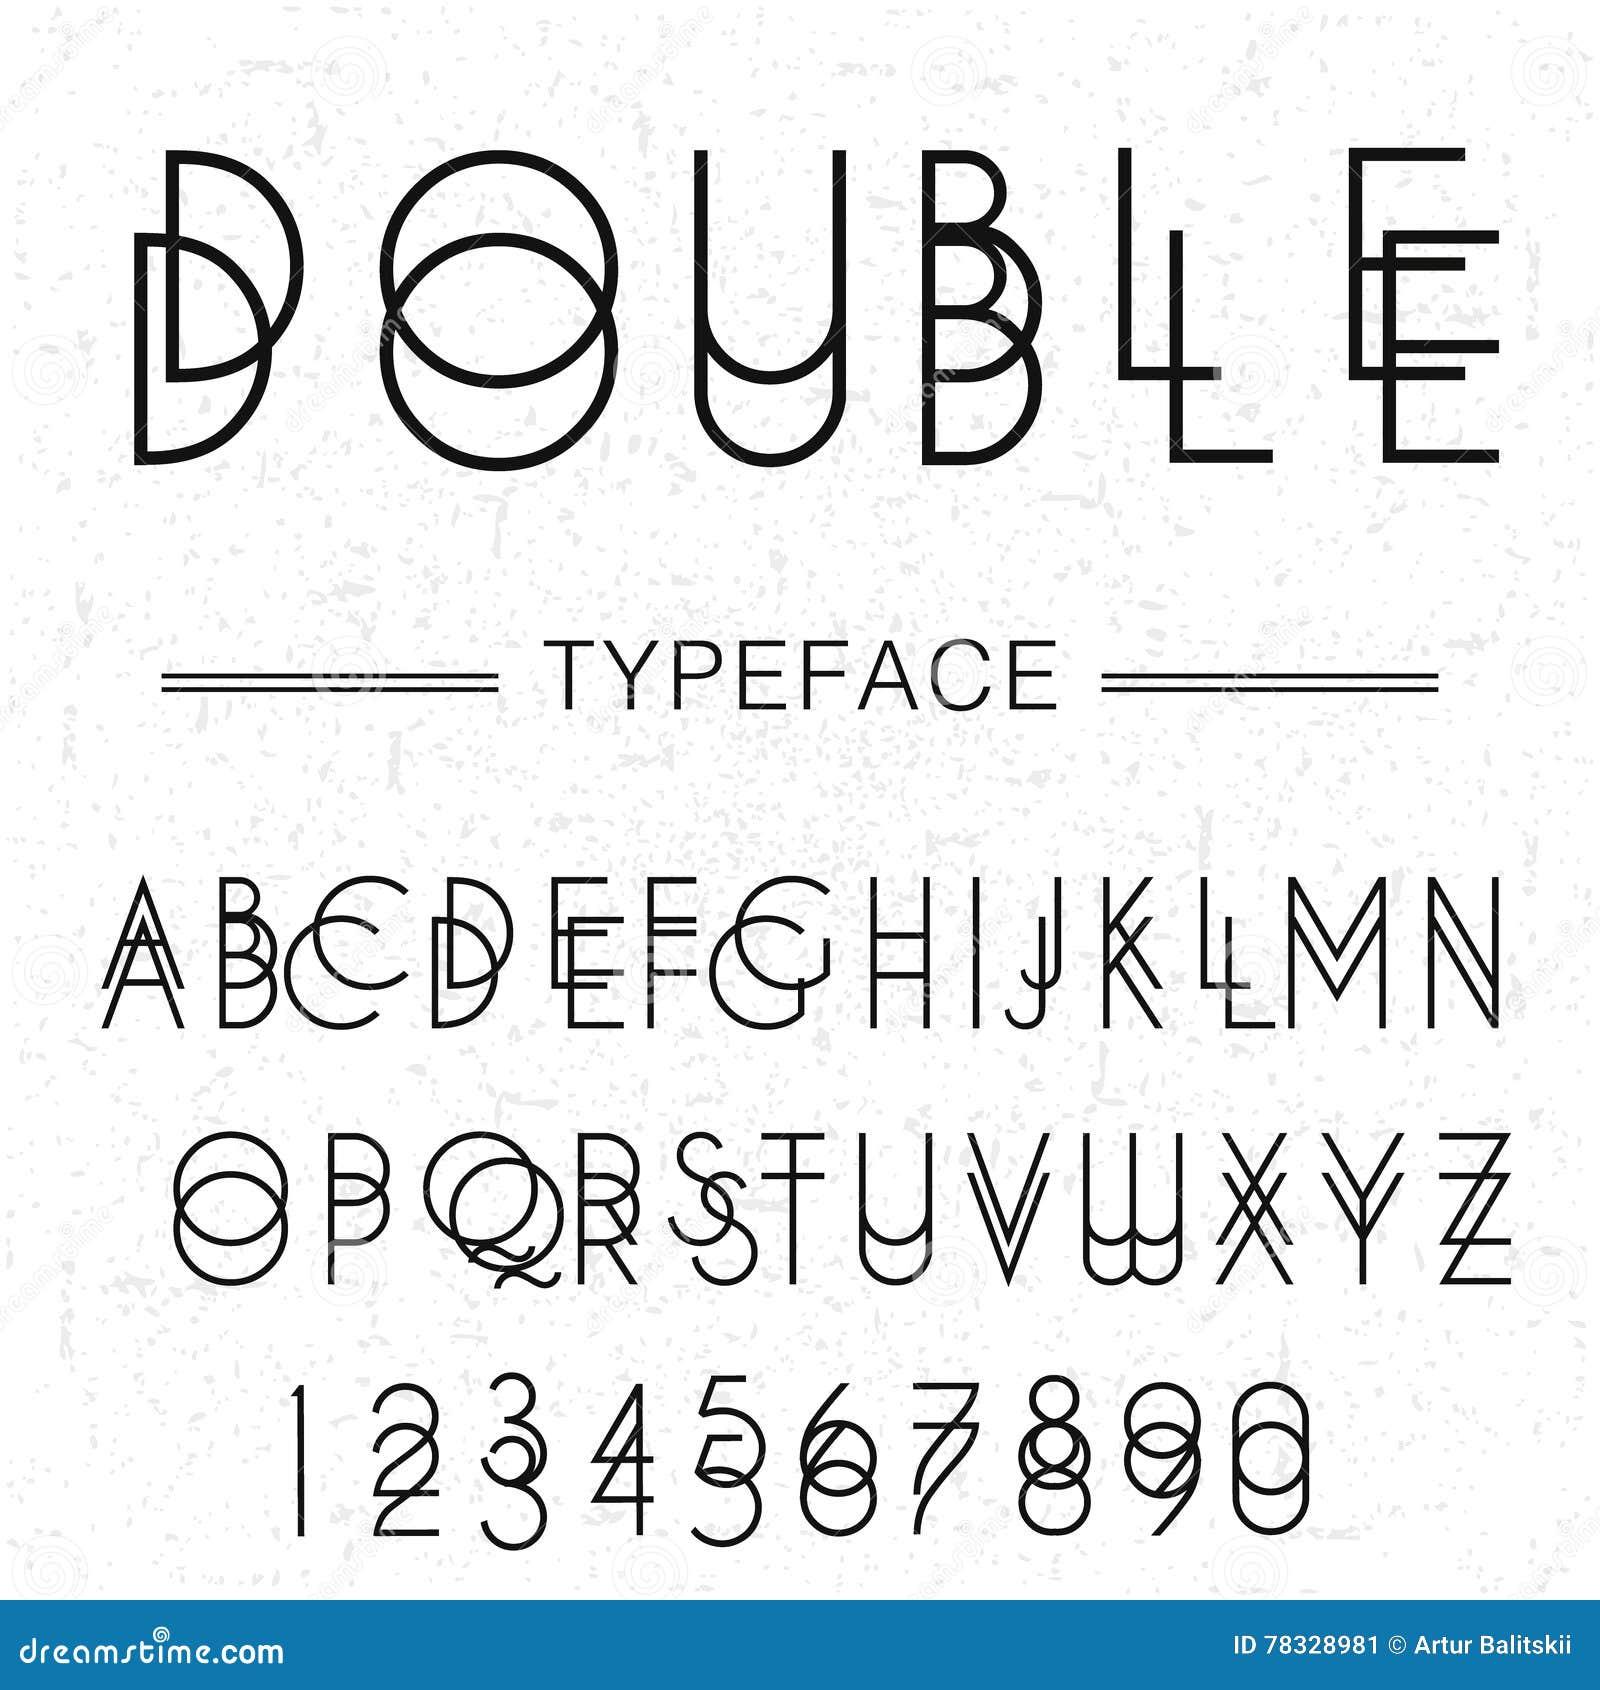 double typeface font made by doublescript modern letters sansserif